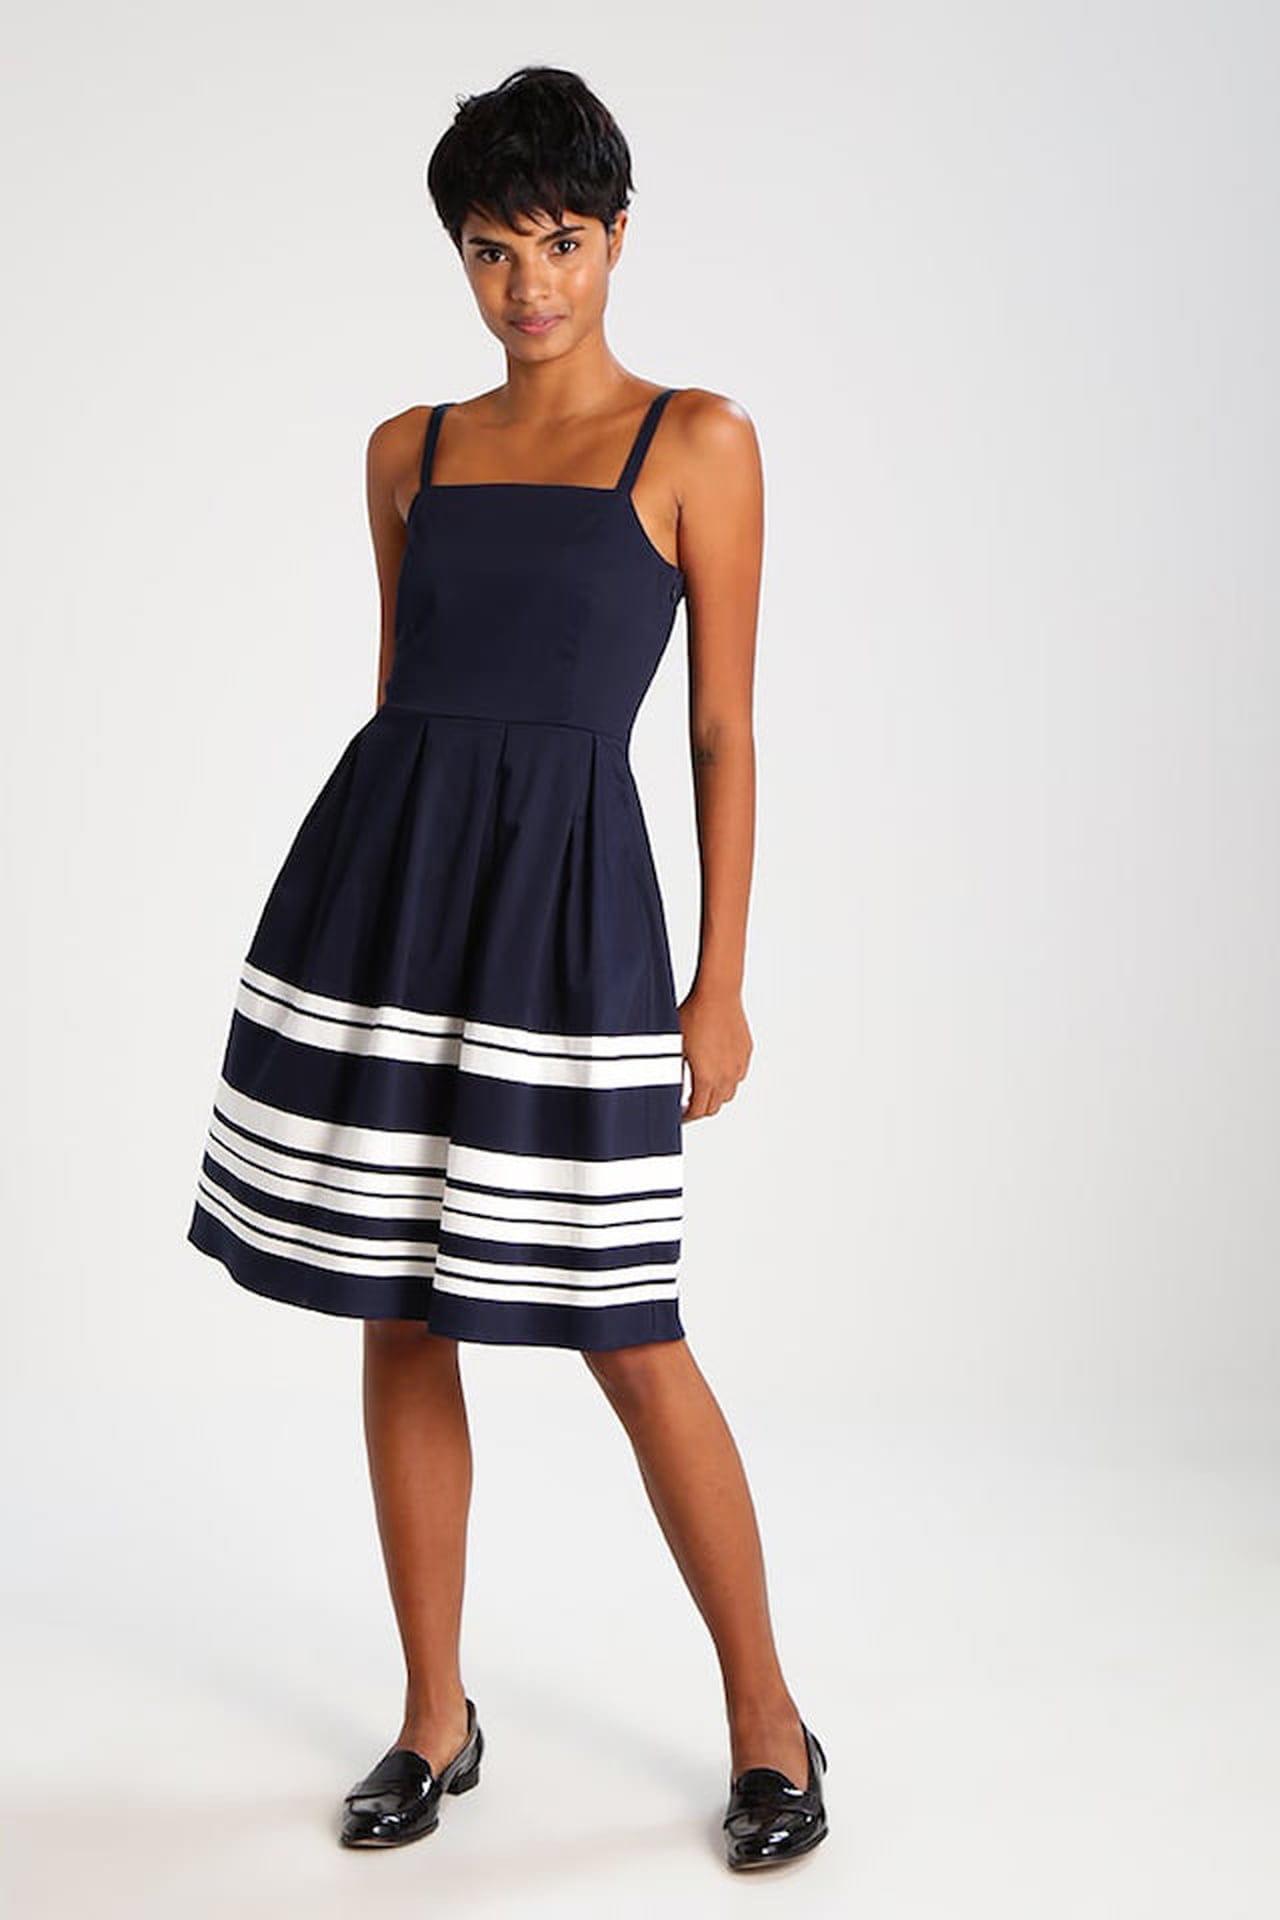 dfbcbcbcca97f Perfetto per le invitate più eleganti il vestito estivo navy blazer  declinato sul blu e sul bianco è l ideale anche per le cerimonie estive. ©  Mint Berry